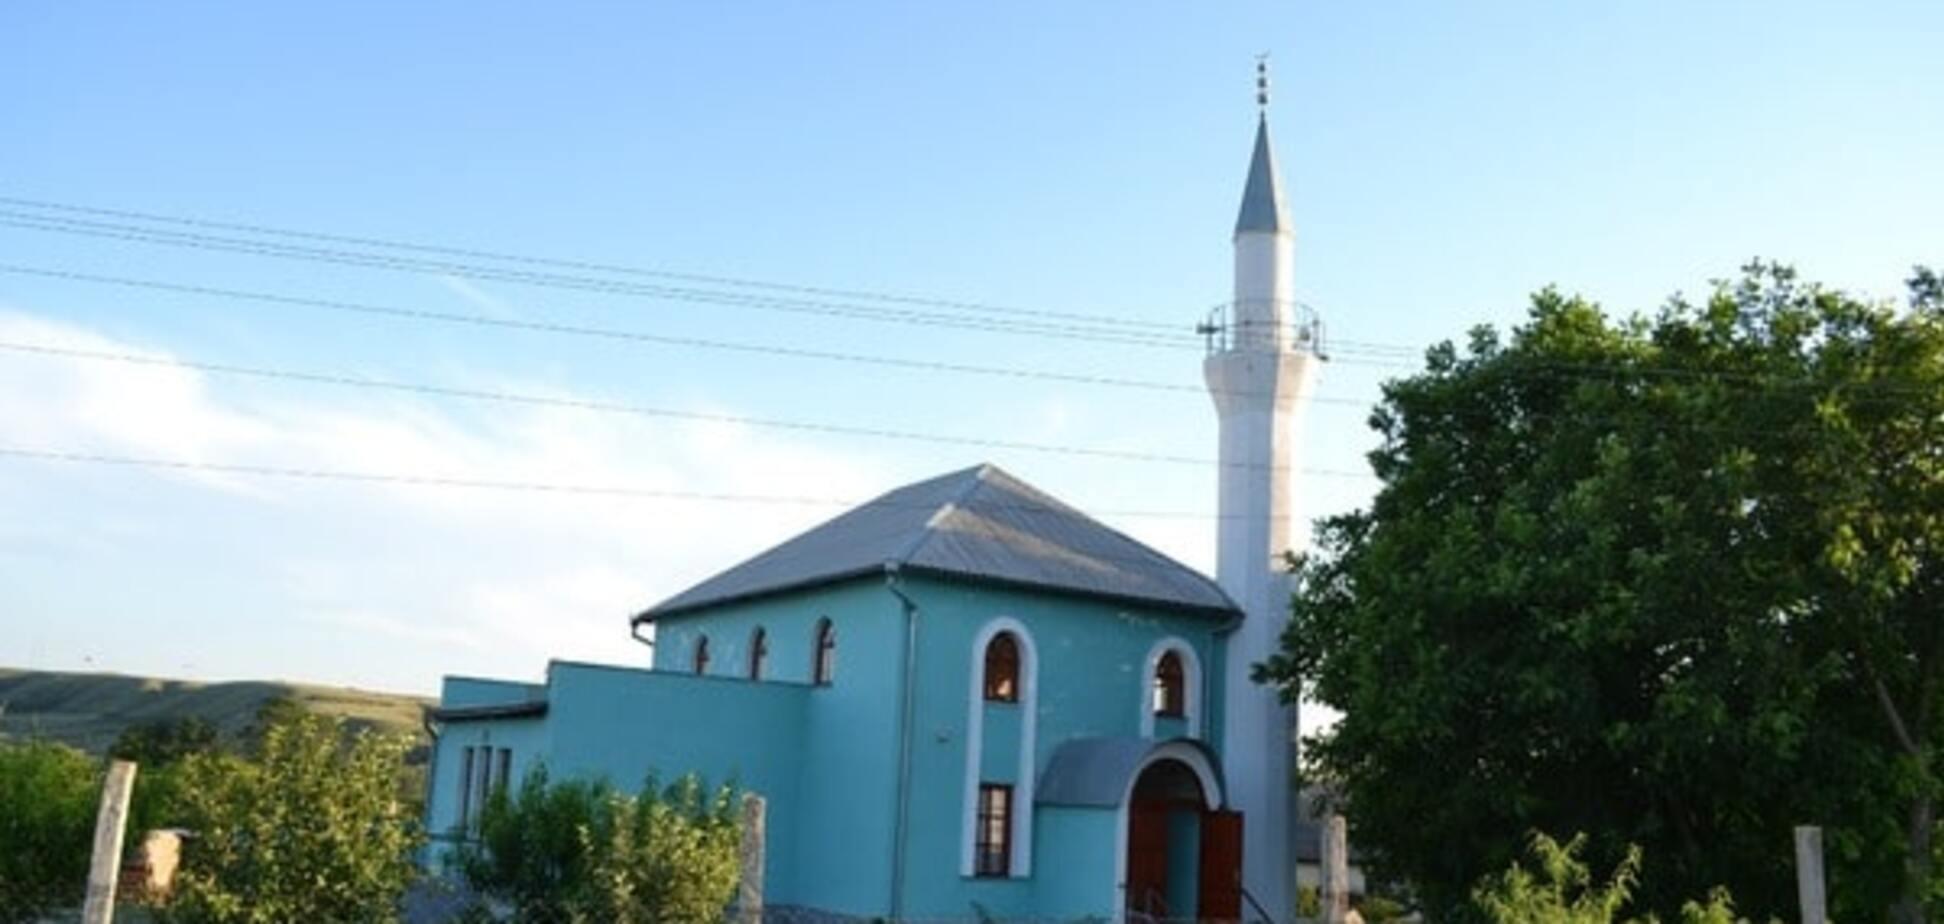 Мечеть Булгъанакъ Бадракъ